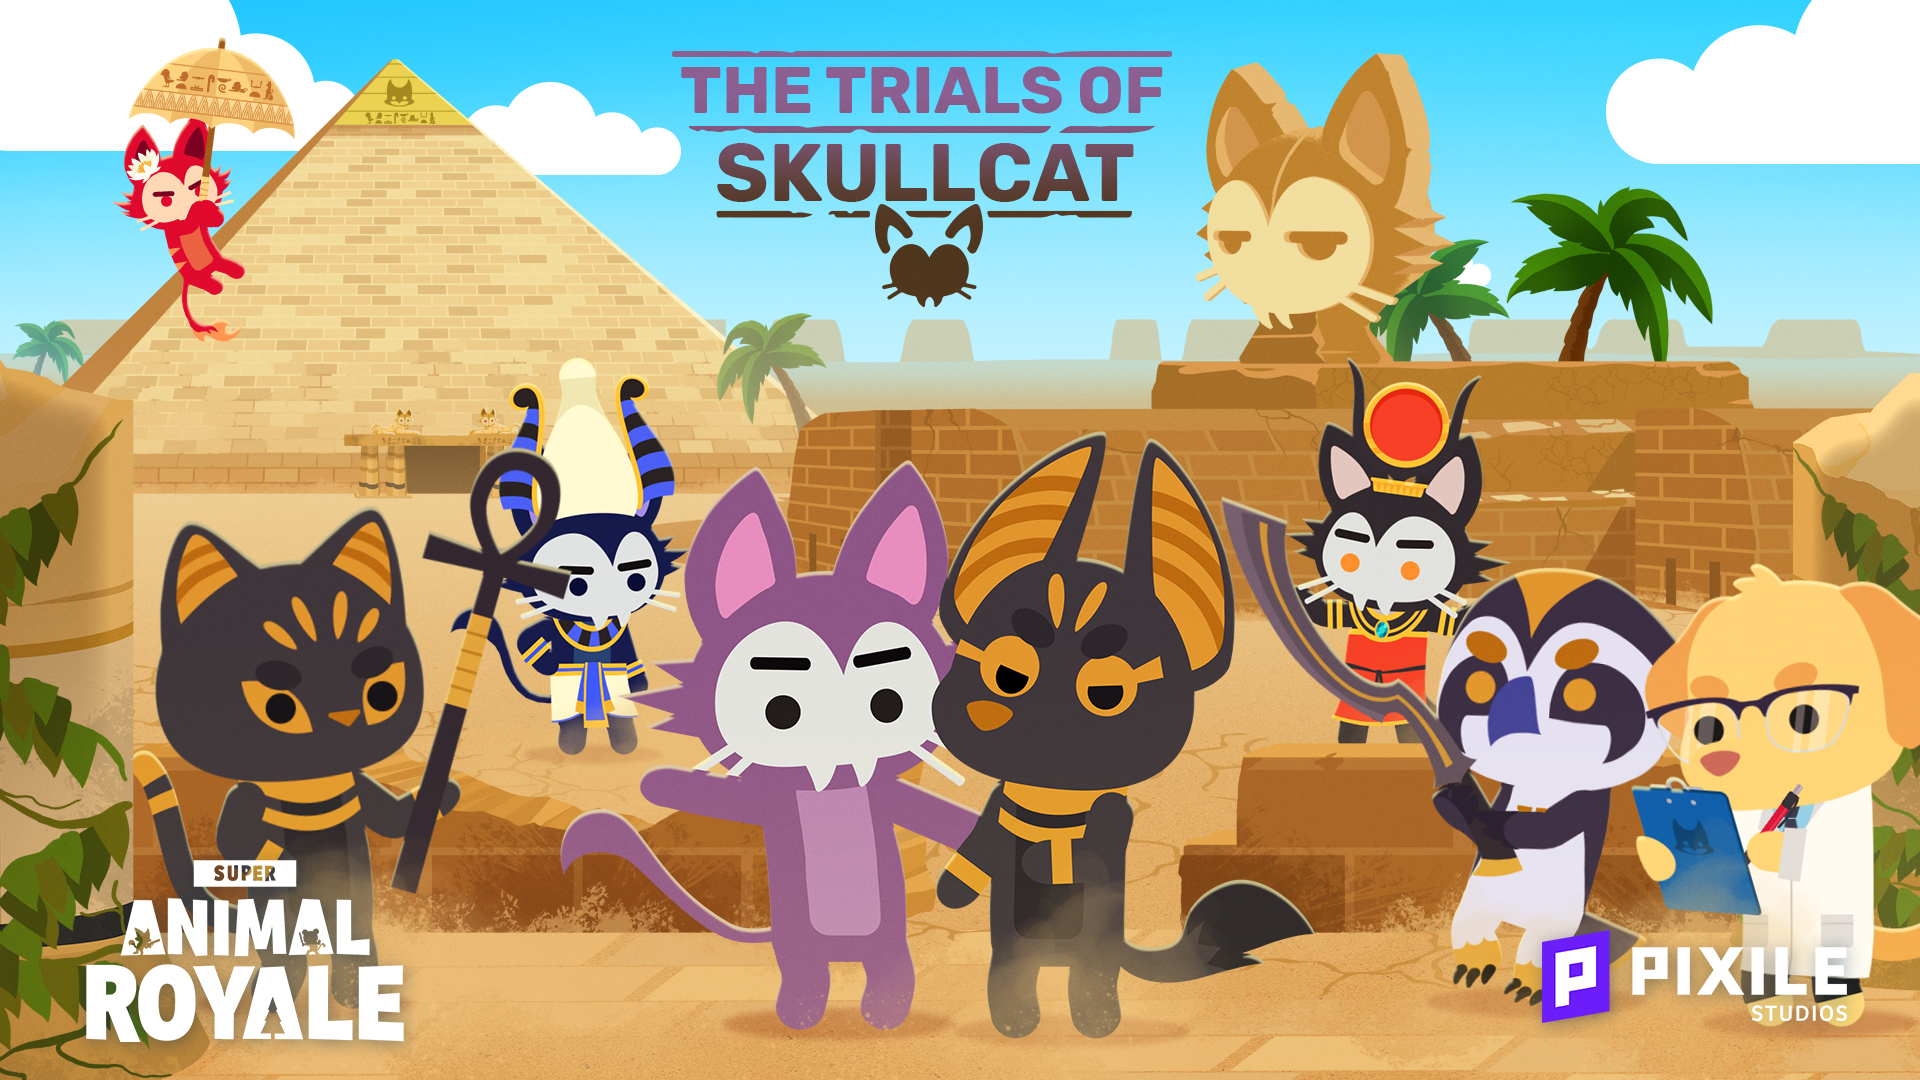 The Trials of Skullcat Update is Here